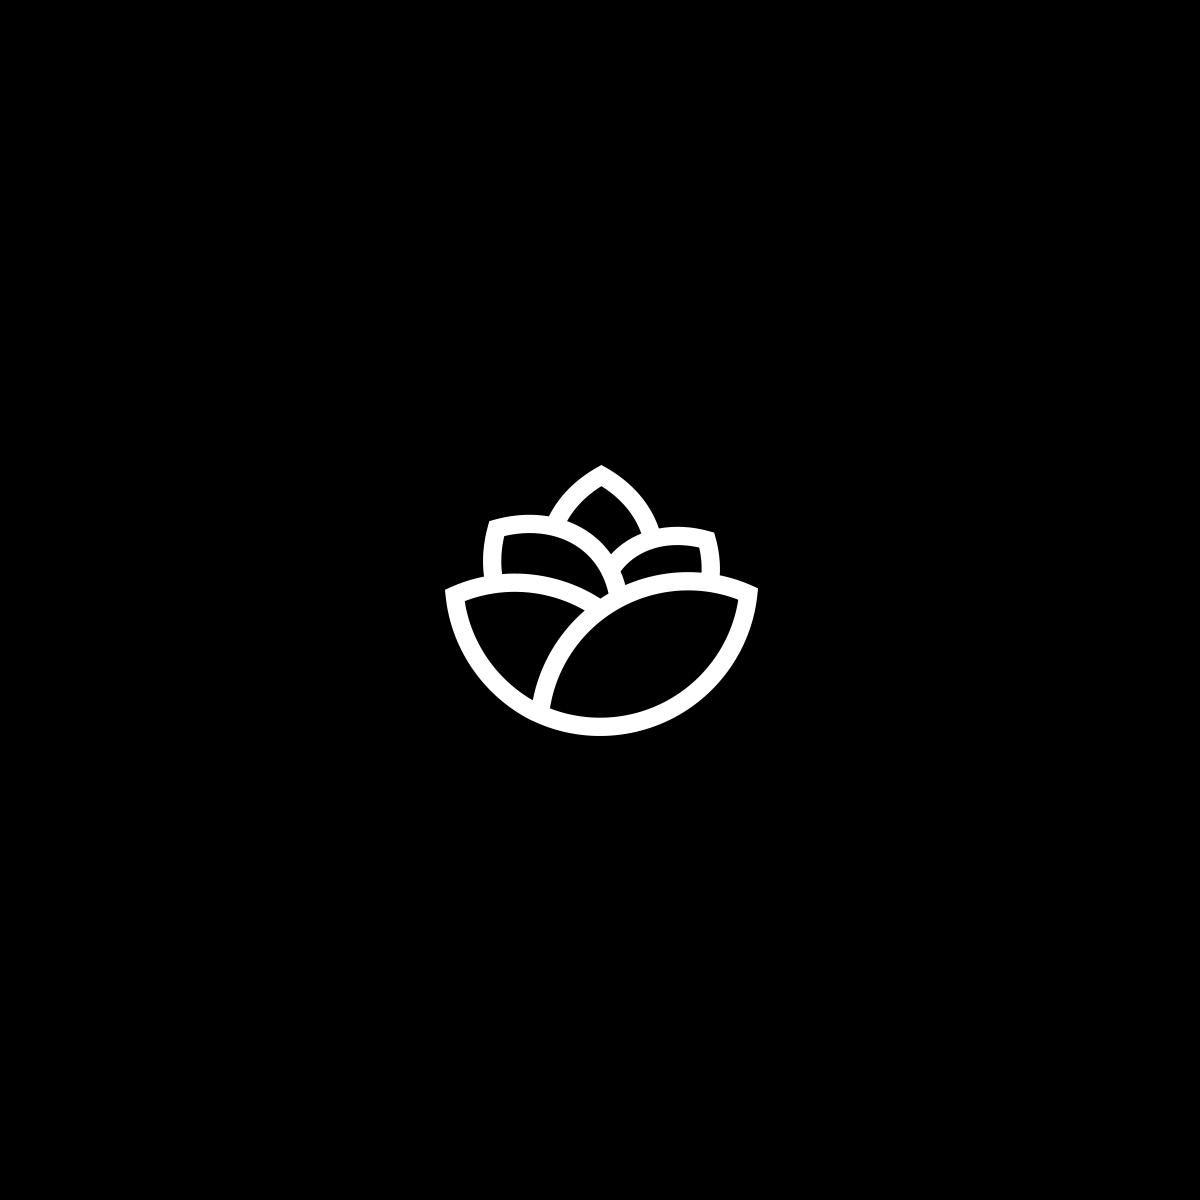 logocollection-v2-28